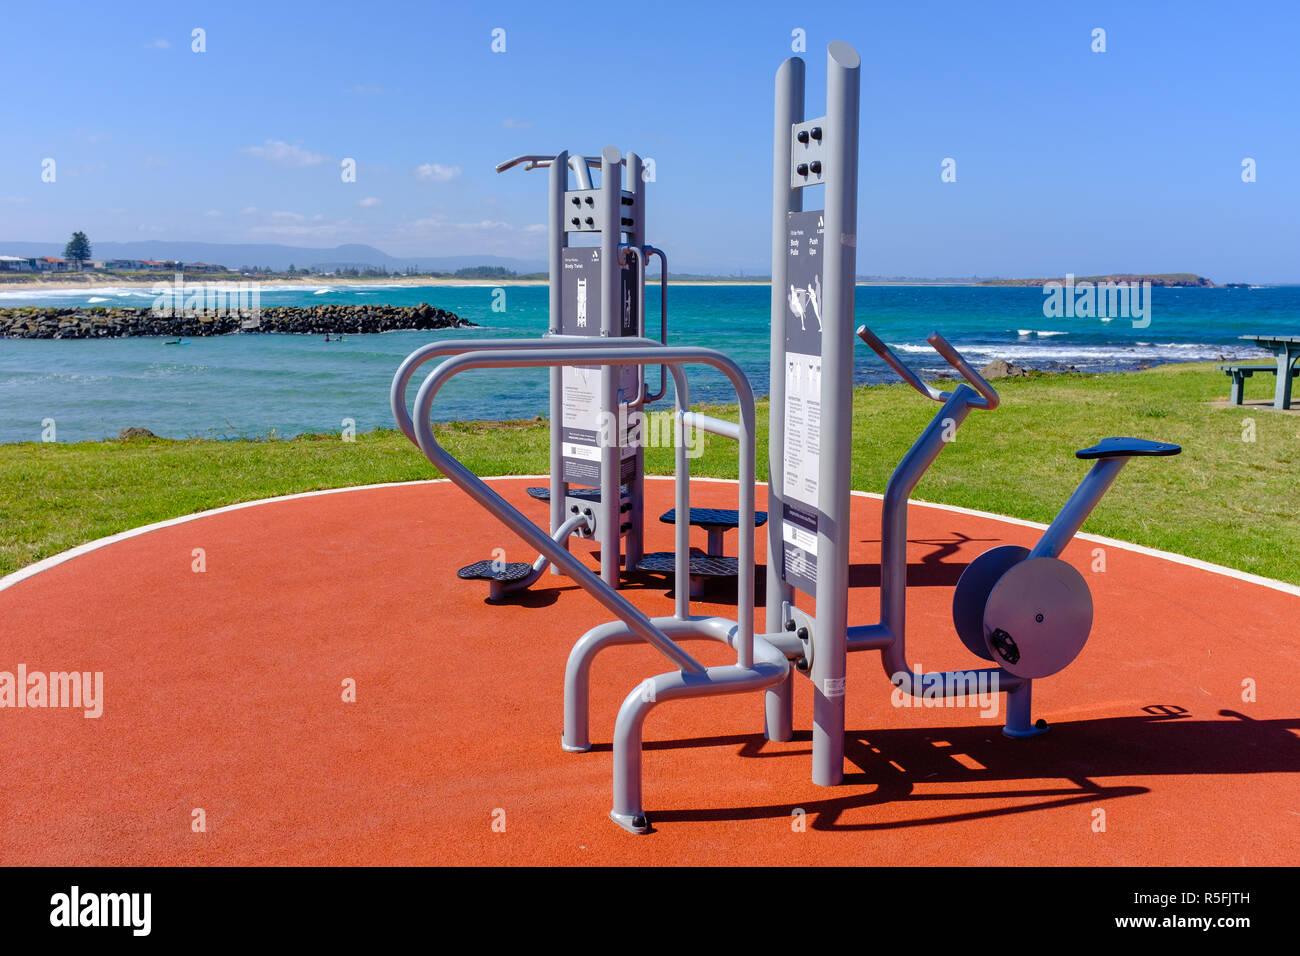 La lutte contre l'obésité, à l'extérieur de l'équipement d'exercice public, près de la plage par le conseil local d'encourager les gens à rester en bonne santé, perdre du poids et garder la forme Photo Stock